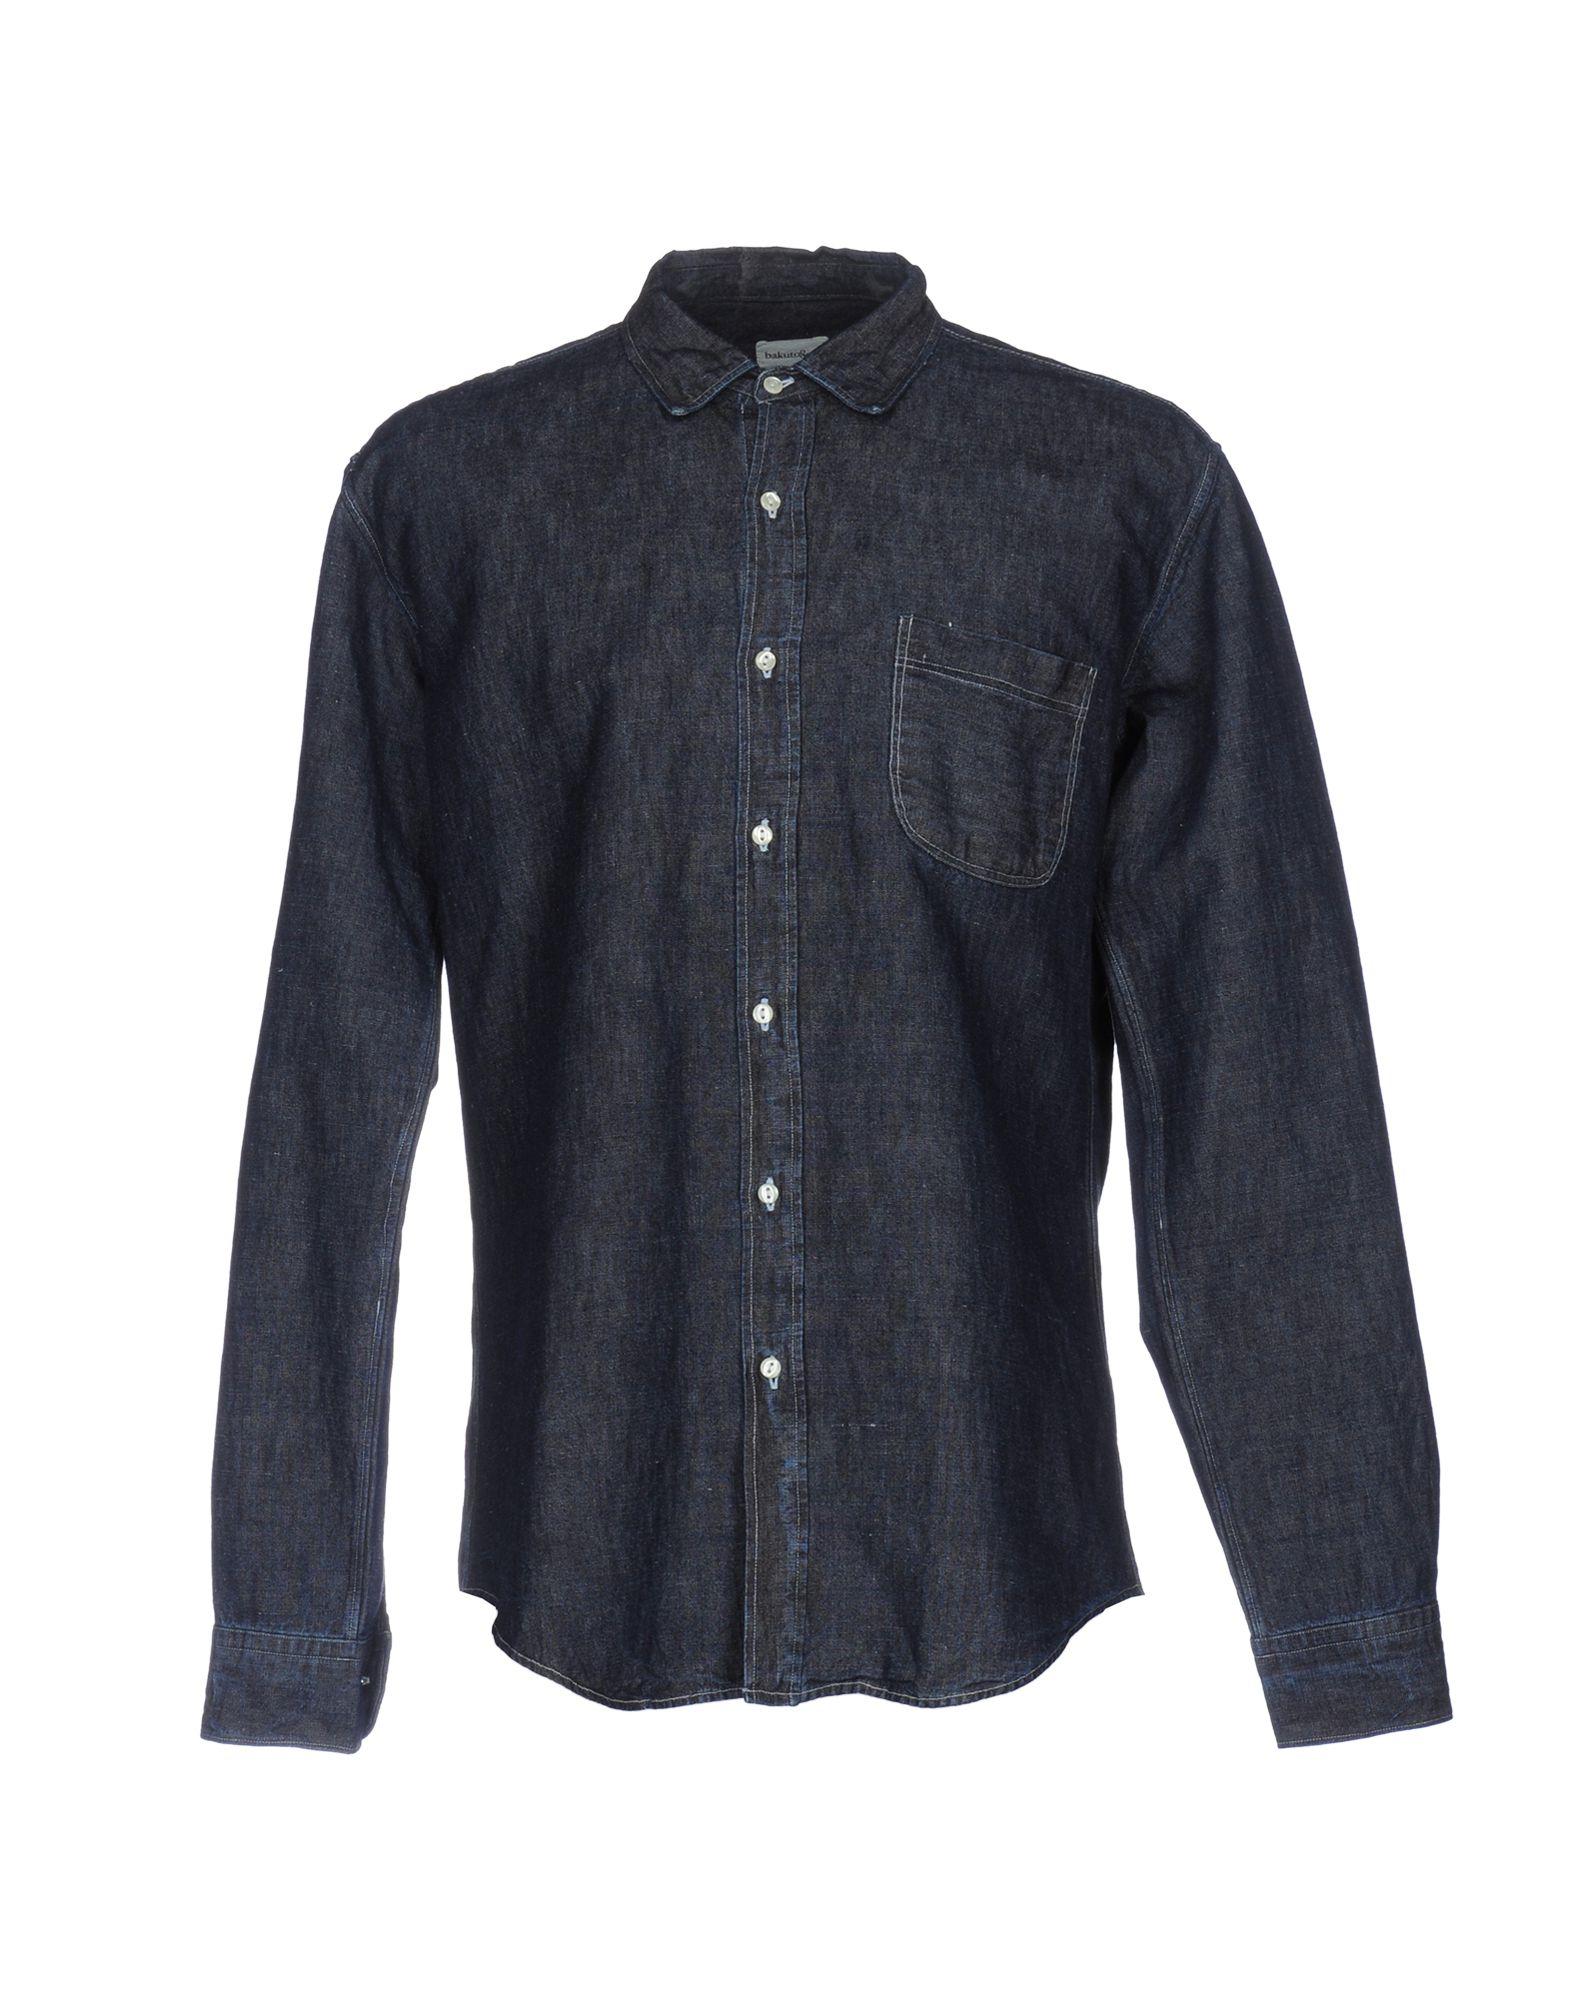 купить BAKUTO893 Джинсовая рубашка дешево